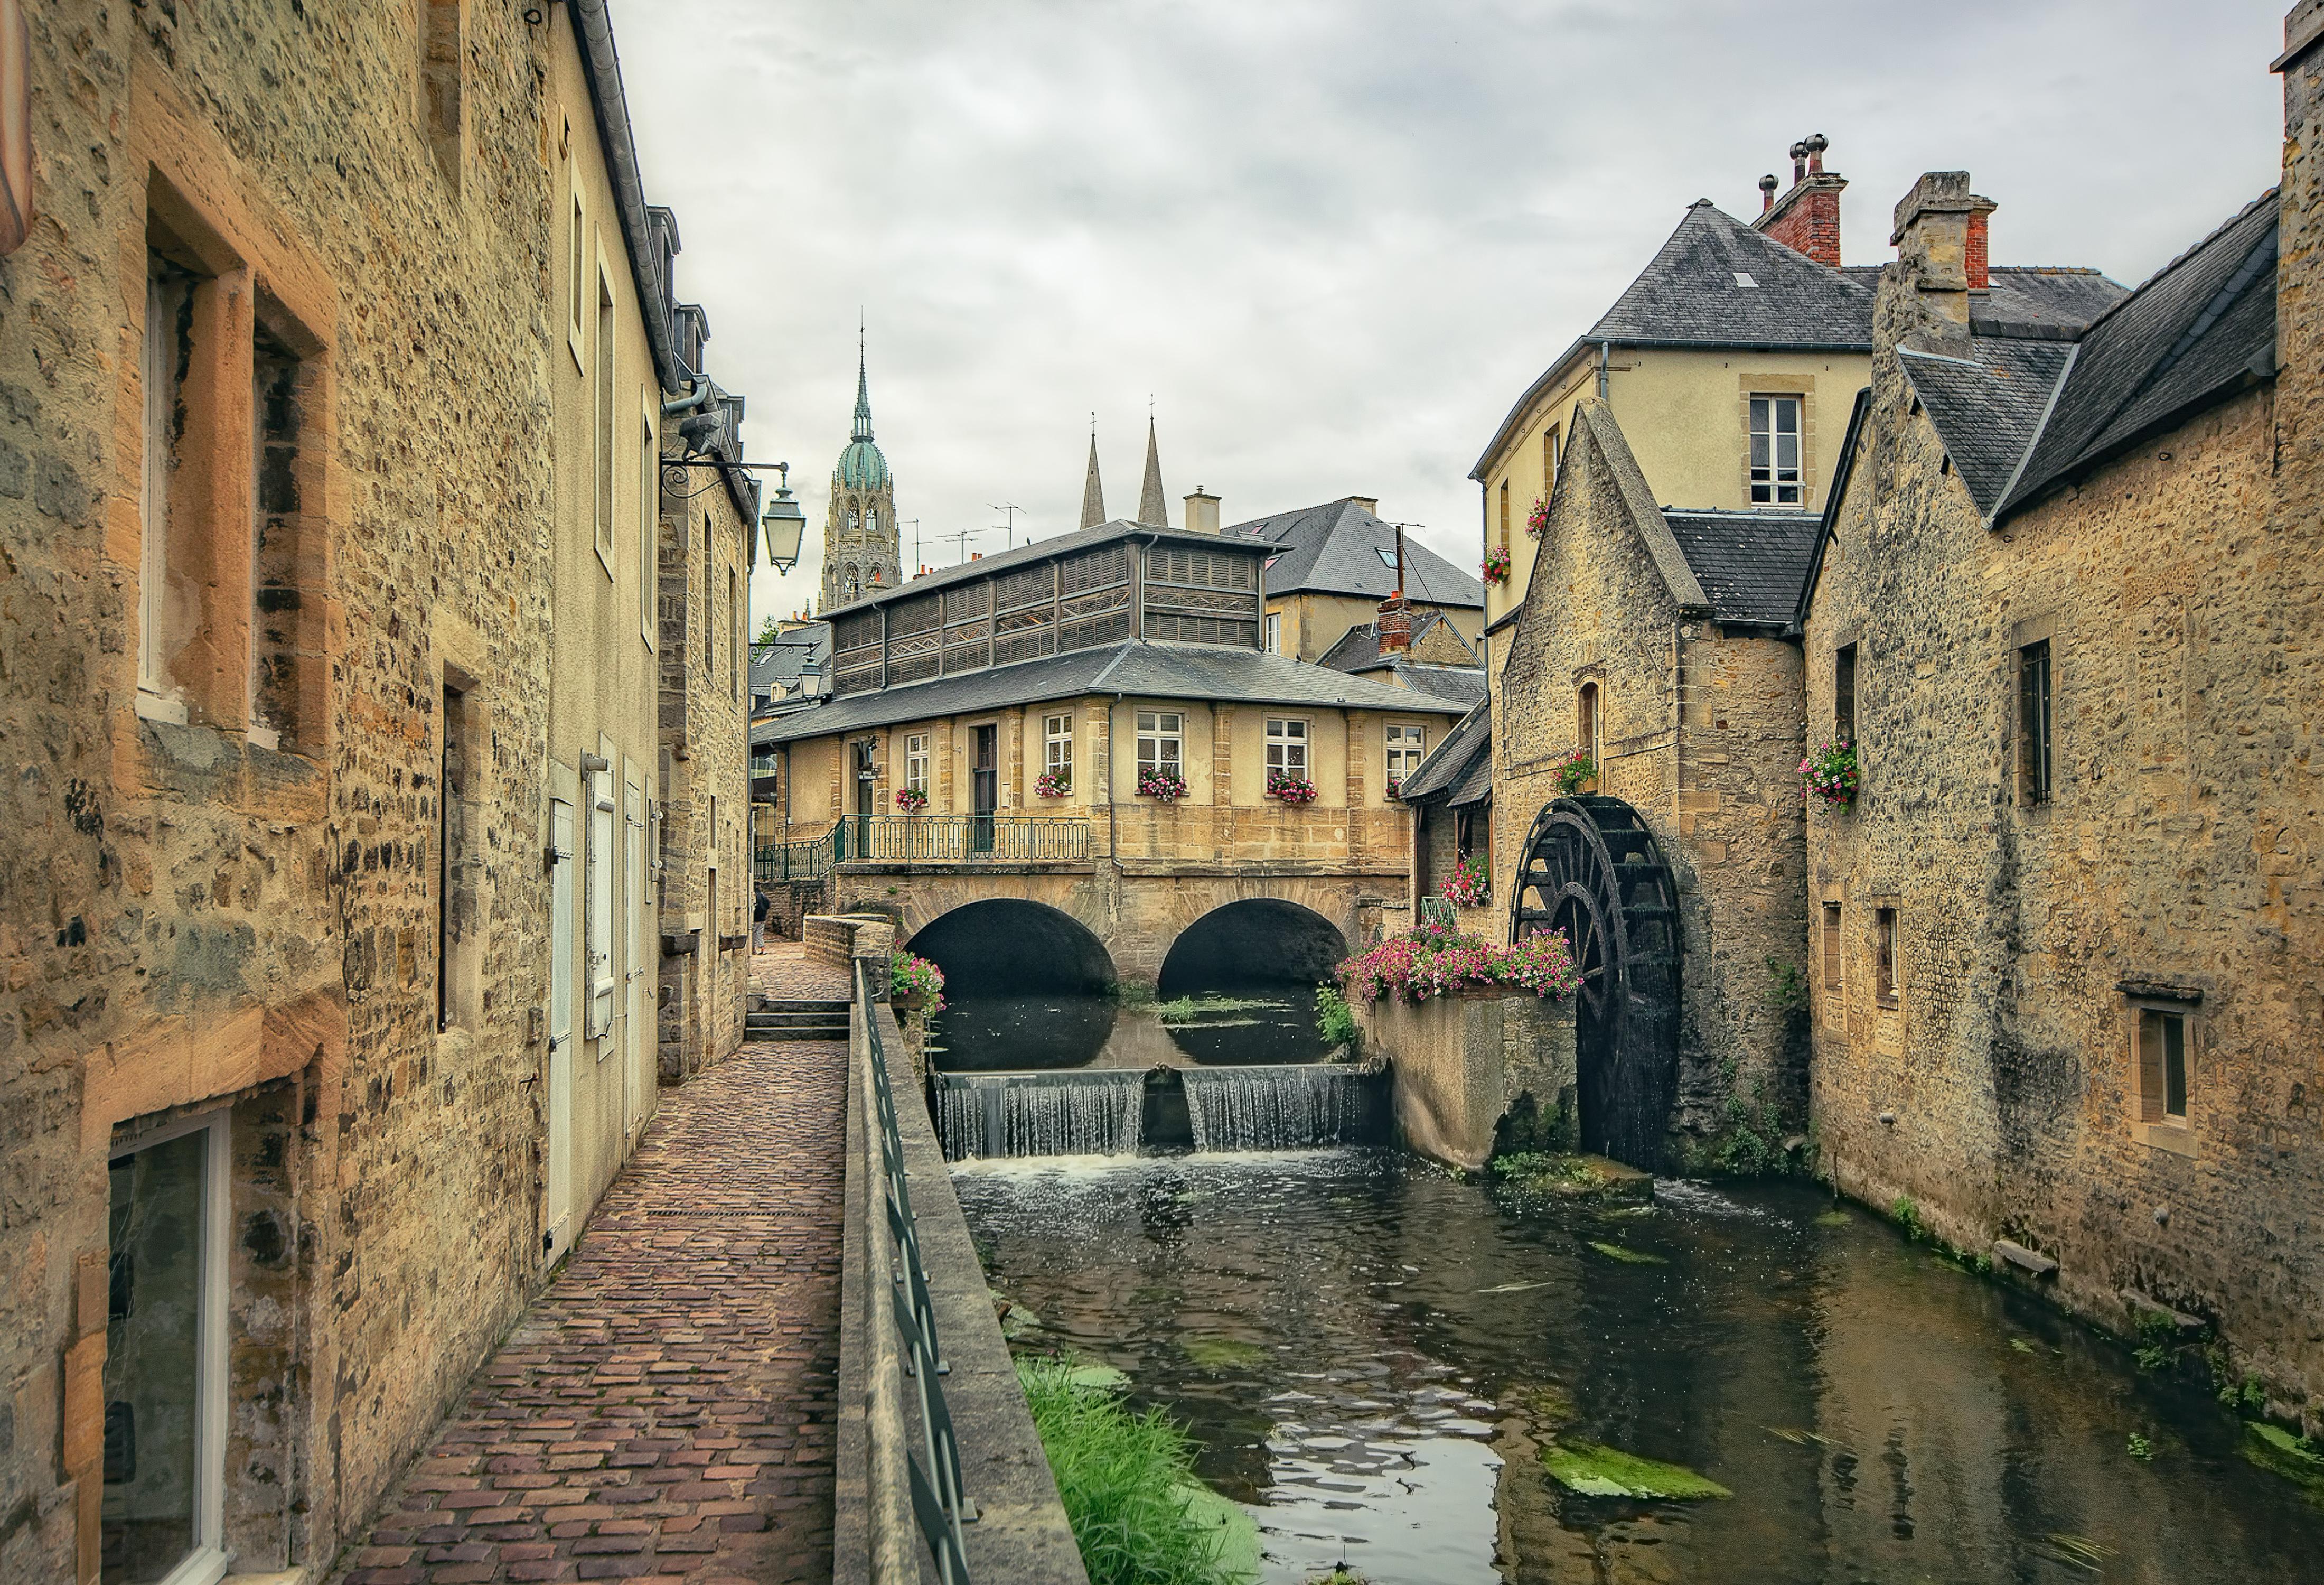 Baeaux, Normandy, France